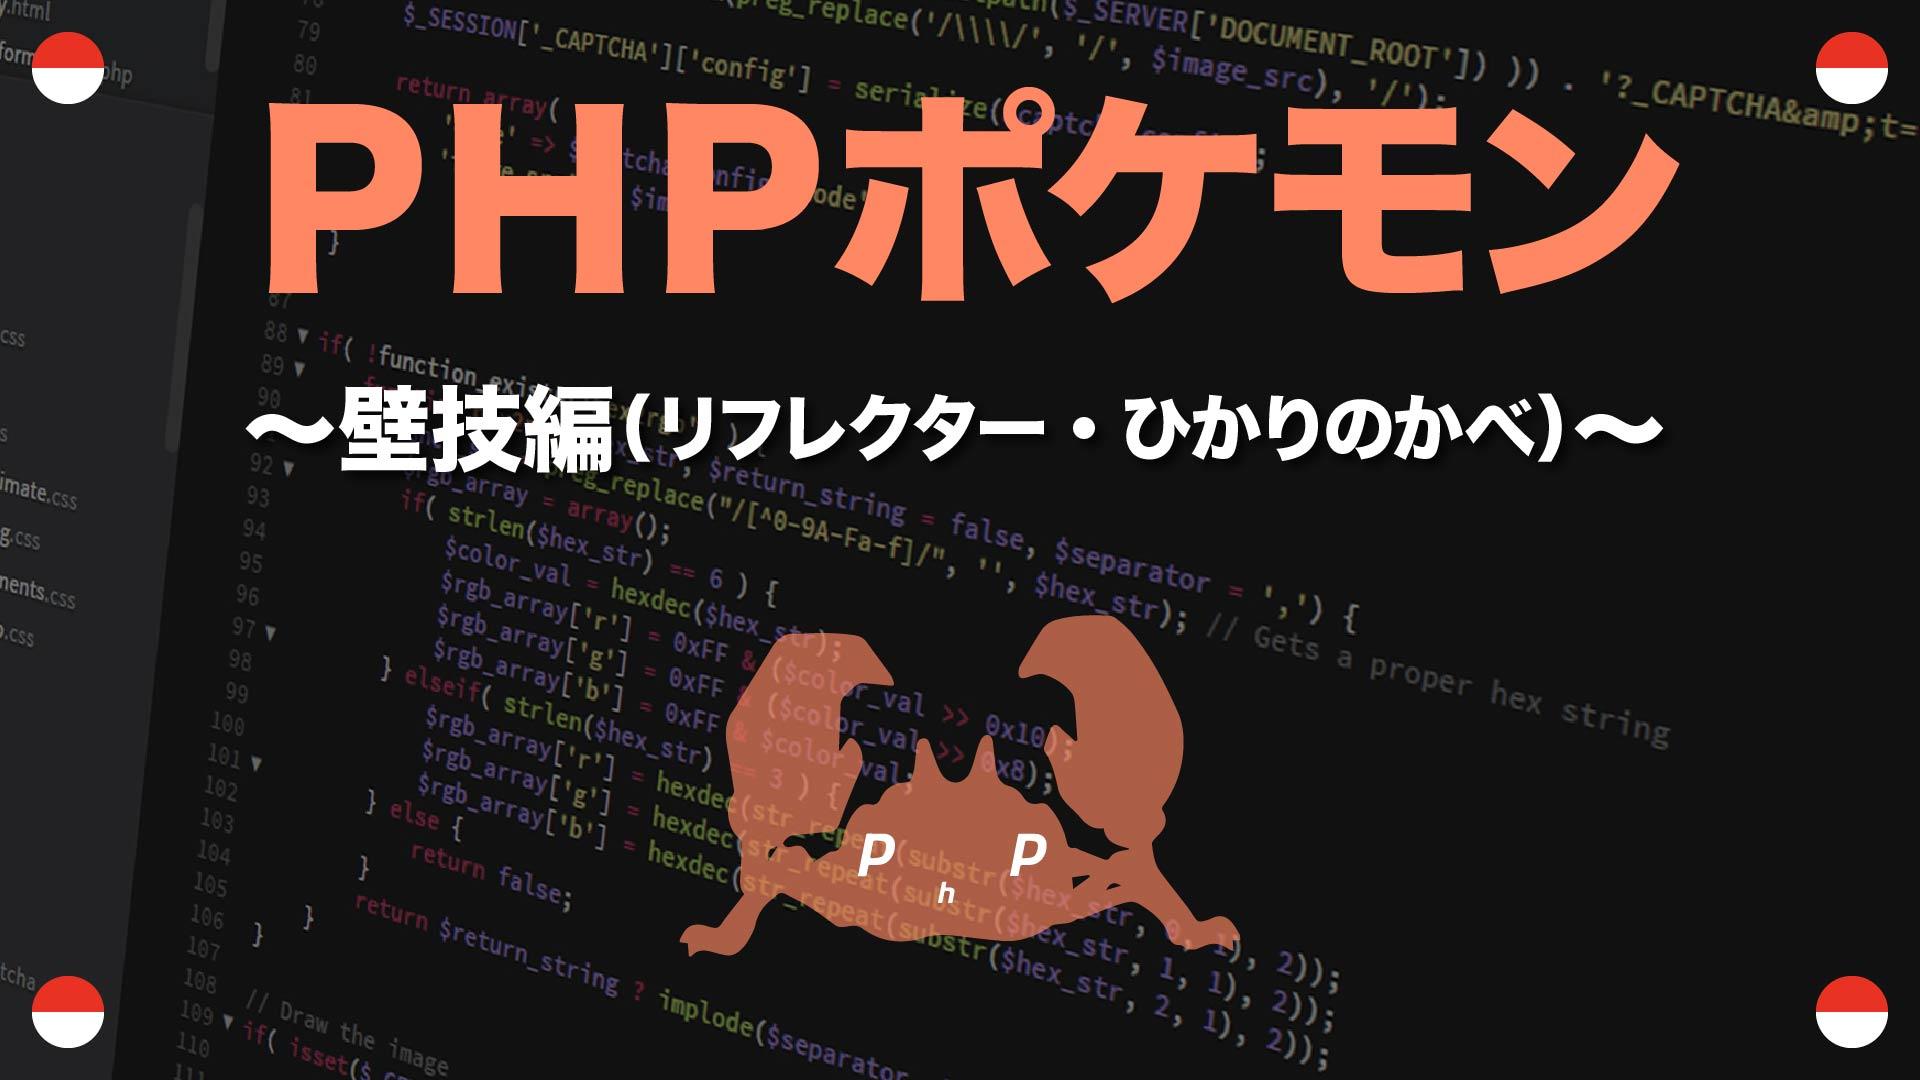 壁技編(リフレクター・ひかりのかべ)PHPポケモン 51